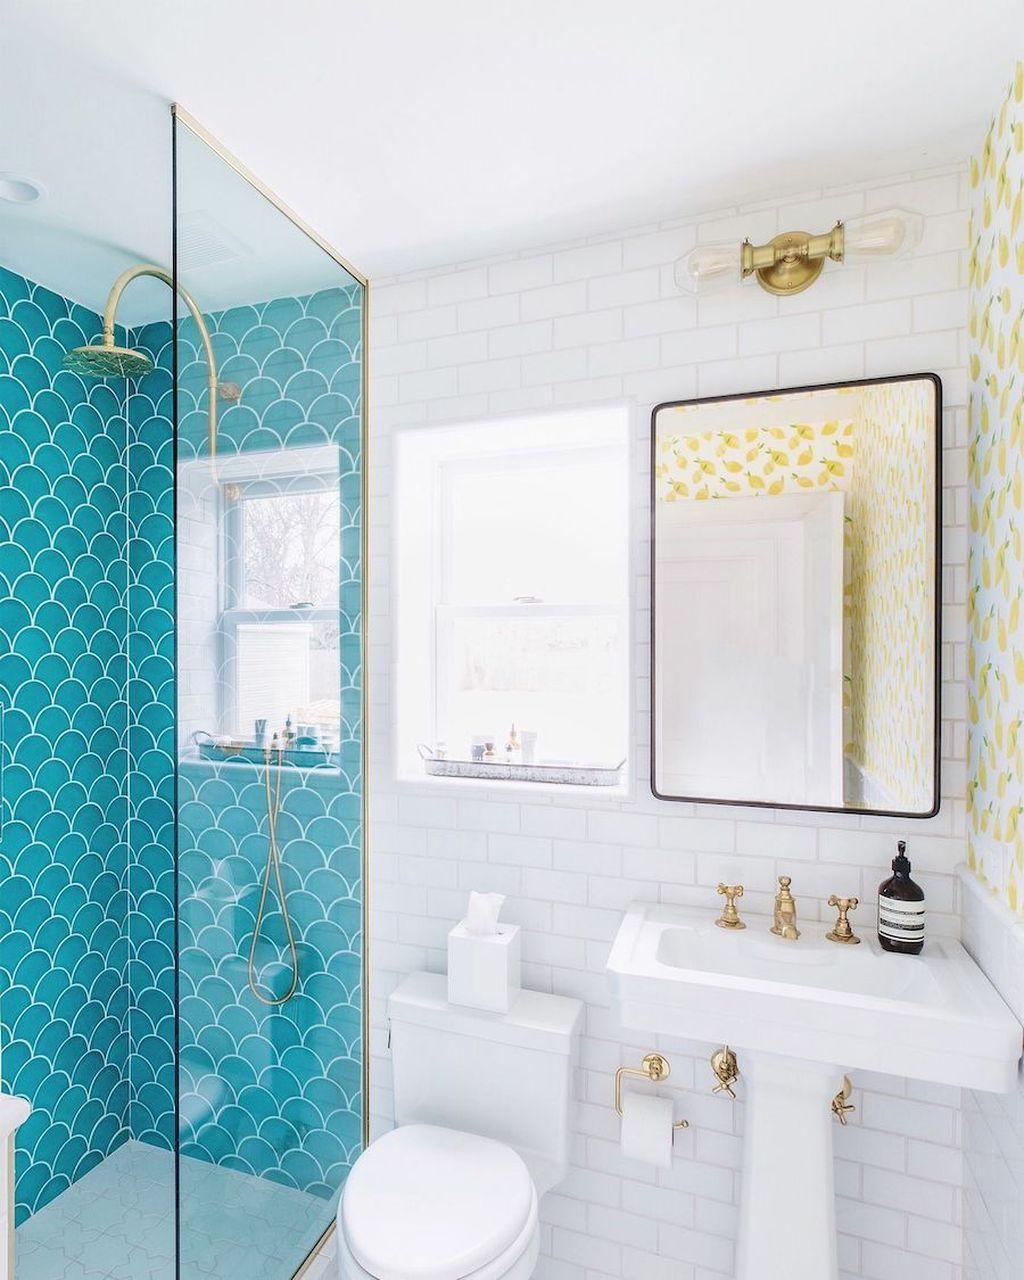 Creative Beach Theme Bathroom Decor Ideas You Will Love 28